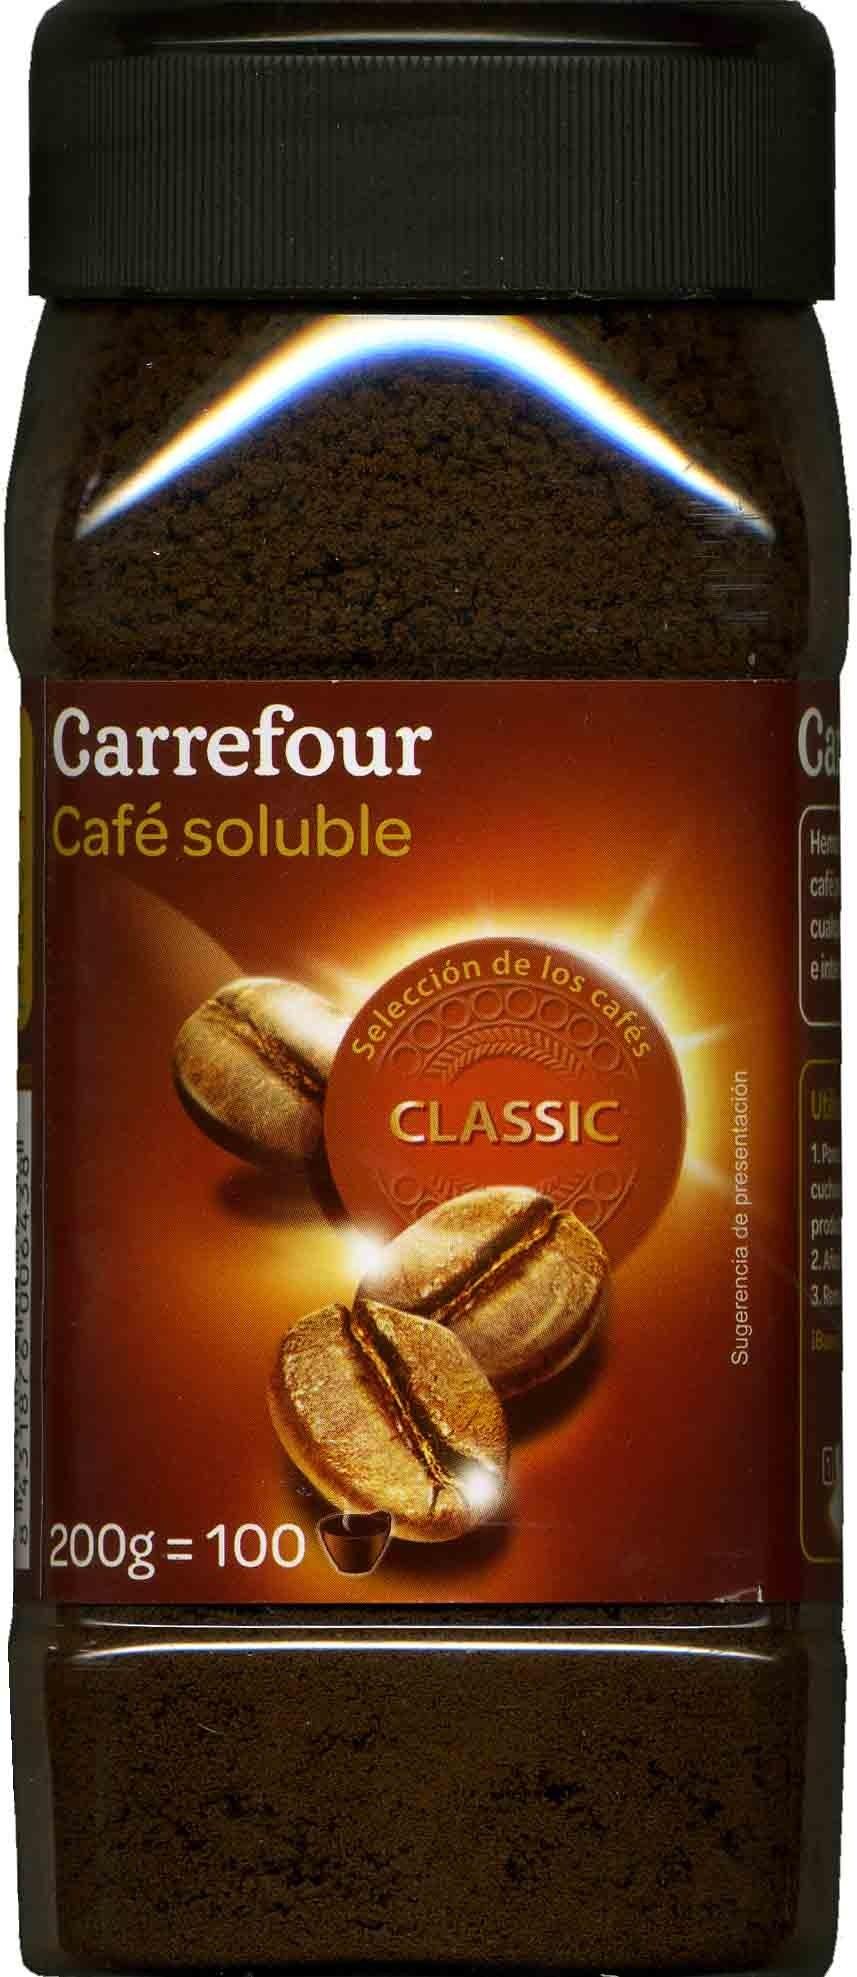 Café soluble - Product